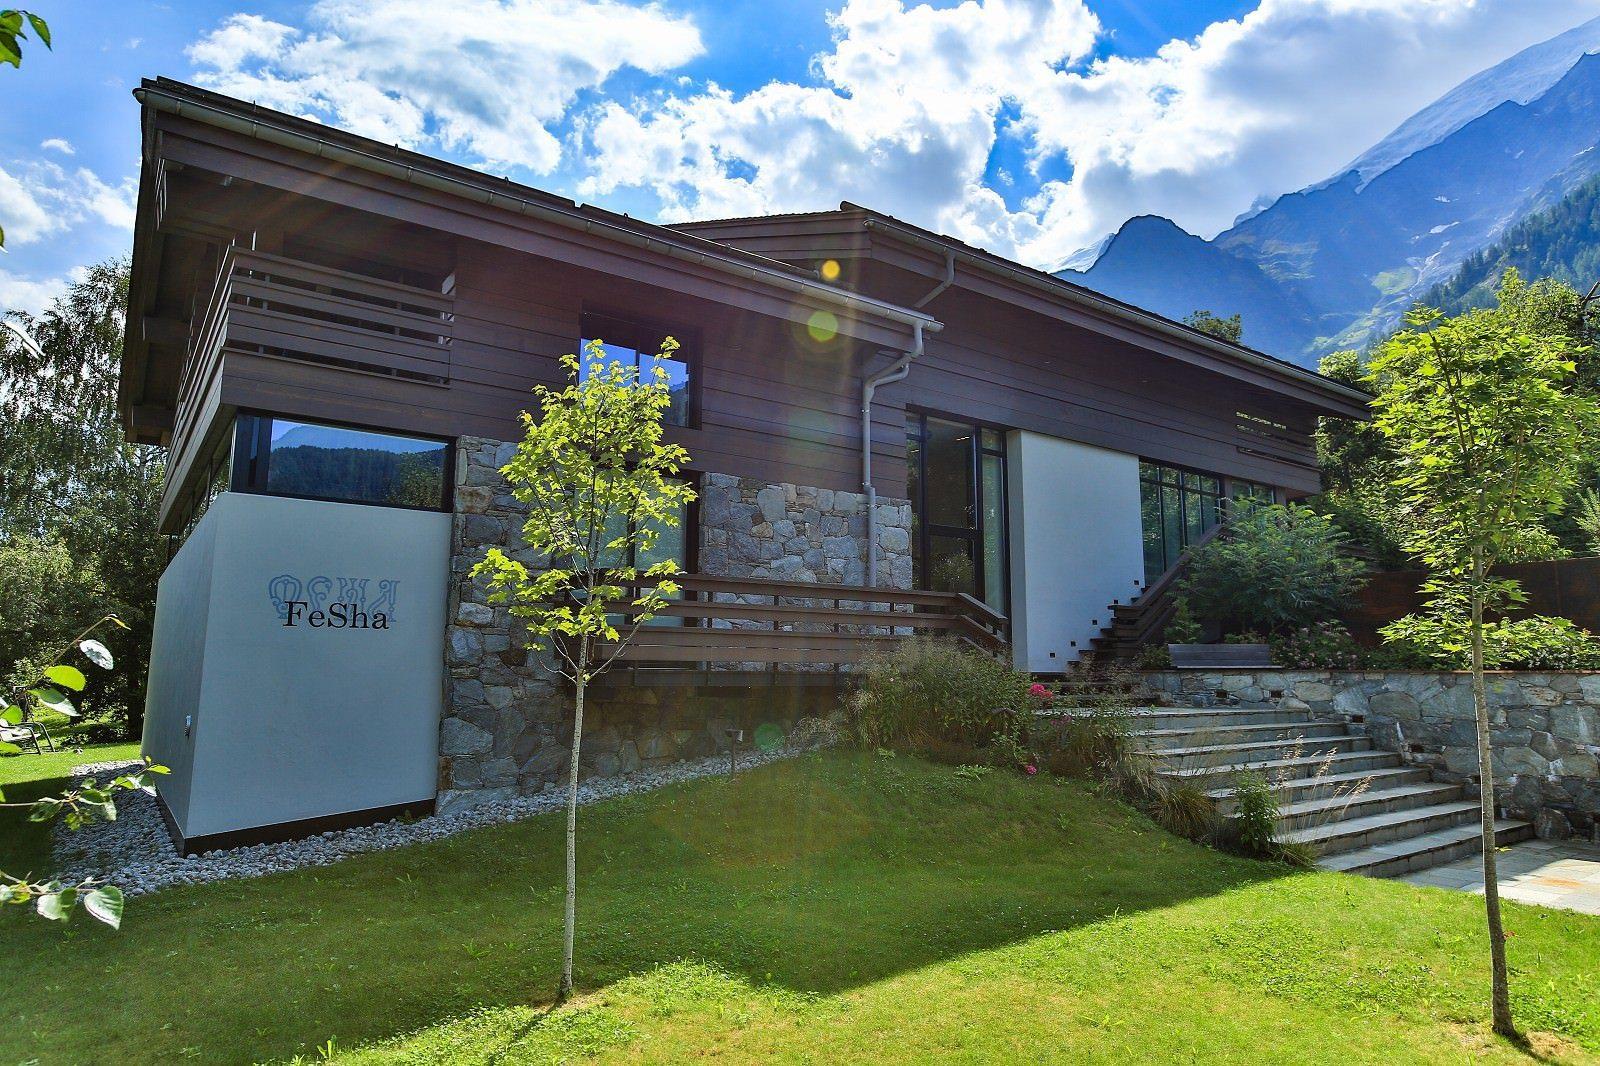 magnifique-chalet-a-vendre-houches-saint-antoine-sauna-hammam-buanderie-gymmagnifique-chalet-a-vendre-houches-saint-antoine-sauna-hammam-buanderie-gym